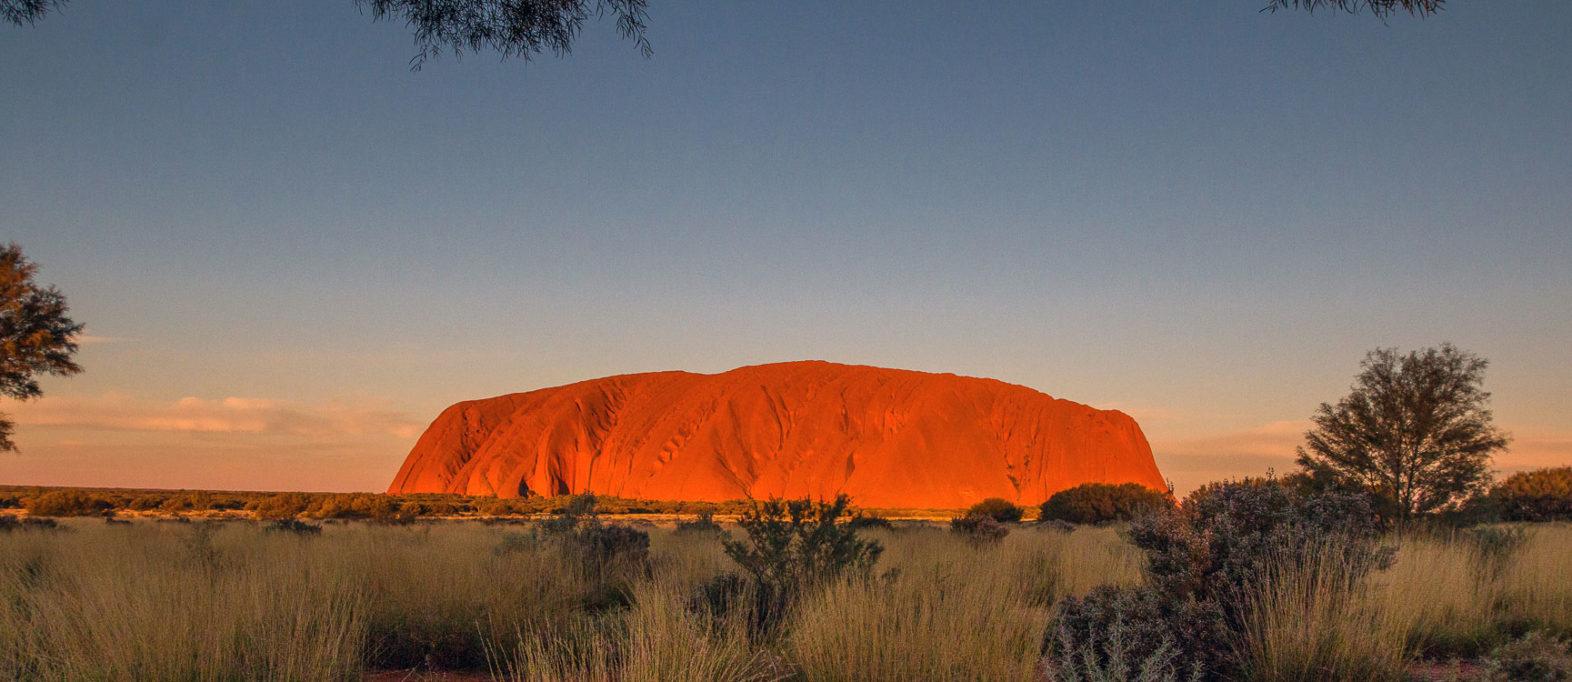 Australien Sehenswürdigkeiten: Meine persönlichen Highlights & schönsten Orte